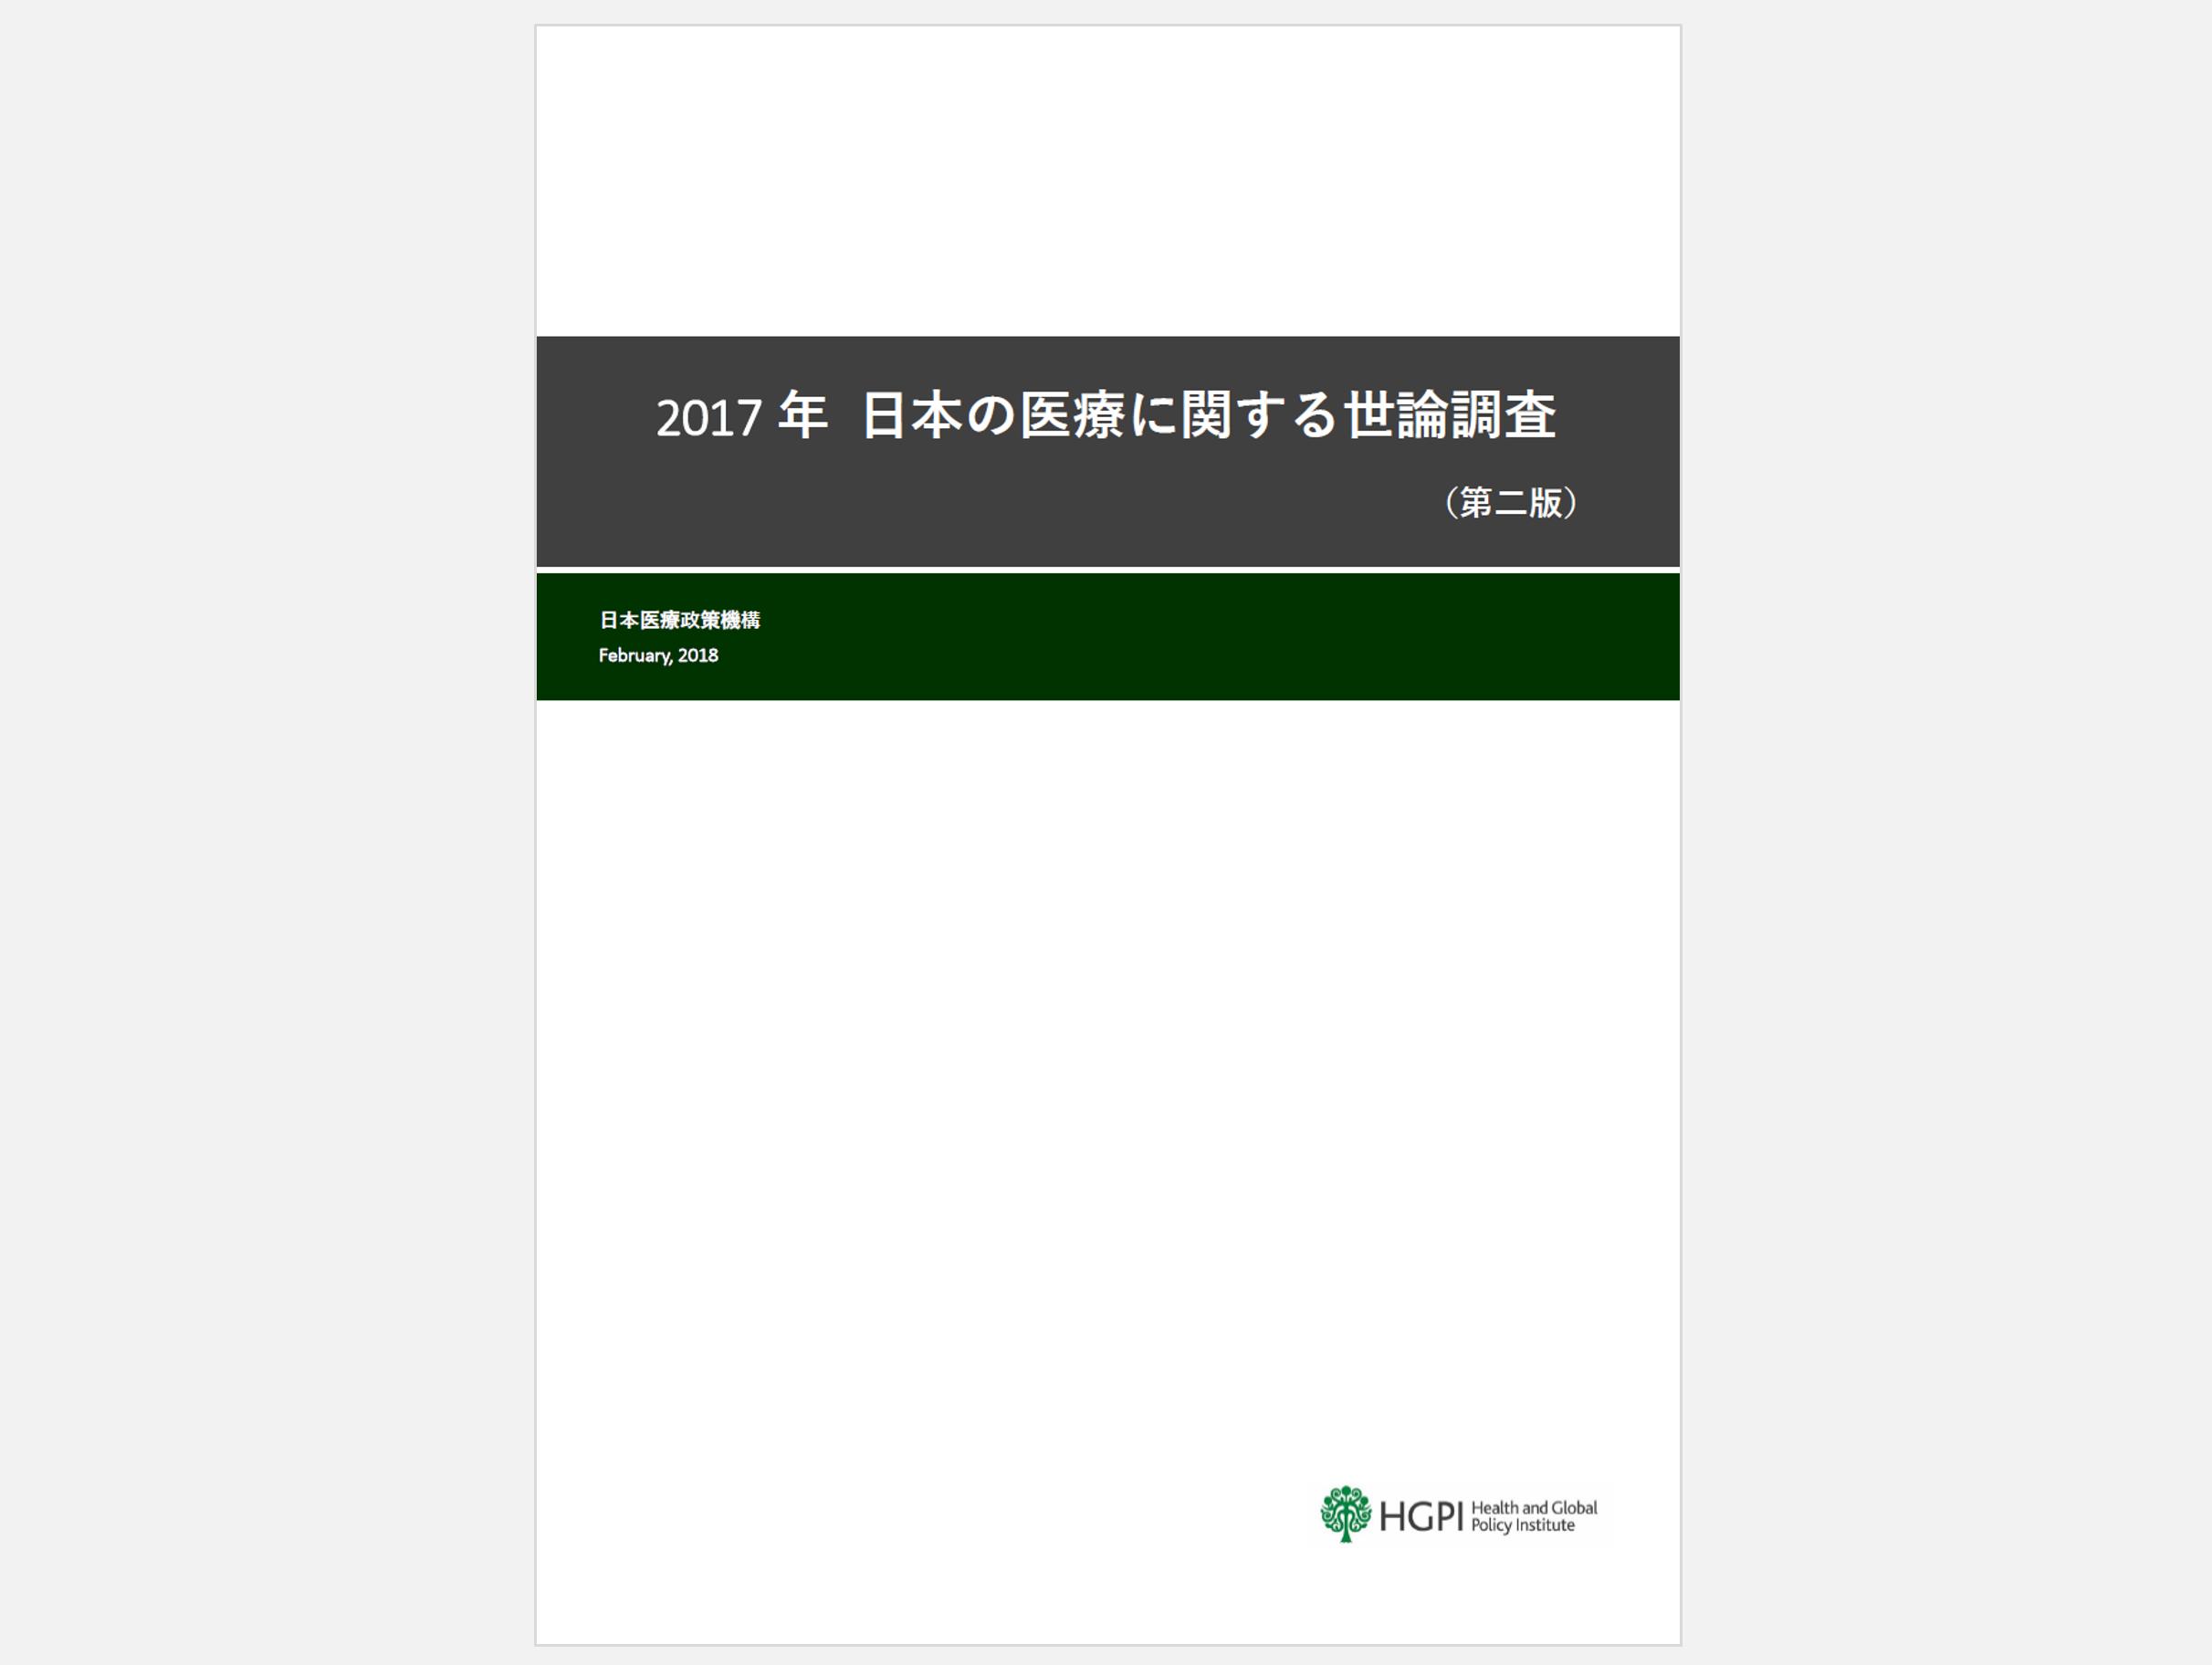 【調査報告】「2017年 日本の医療に関する世論調査」